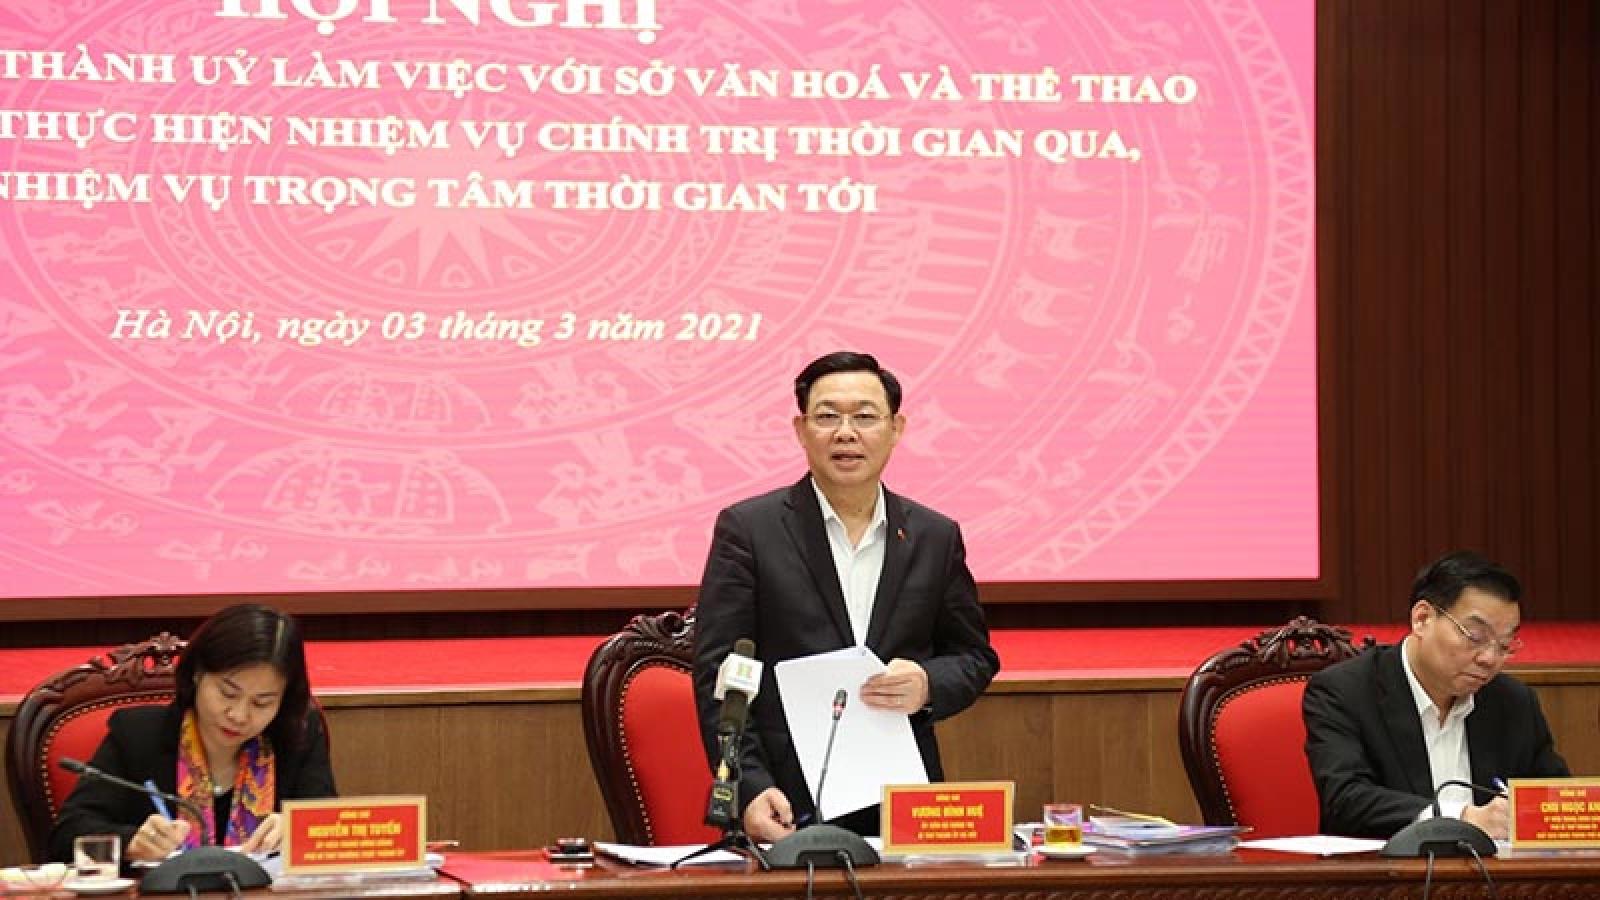 Bí thư Thành ủy Vương Đình Huệ: Đưa văn hóa thành nguồn lực quan trọng của thủ đô